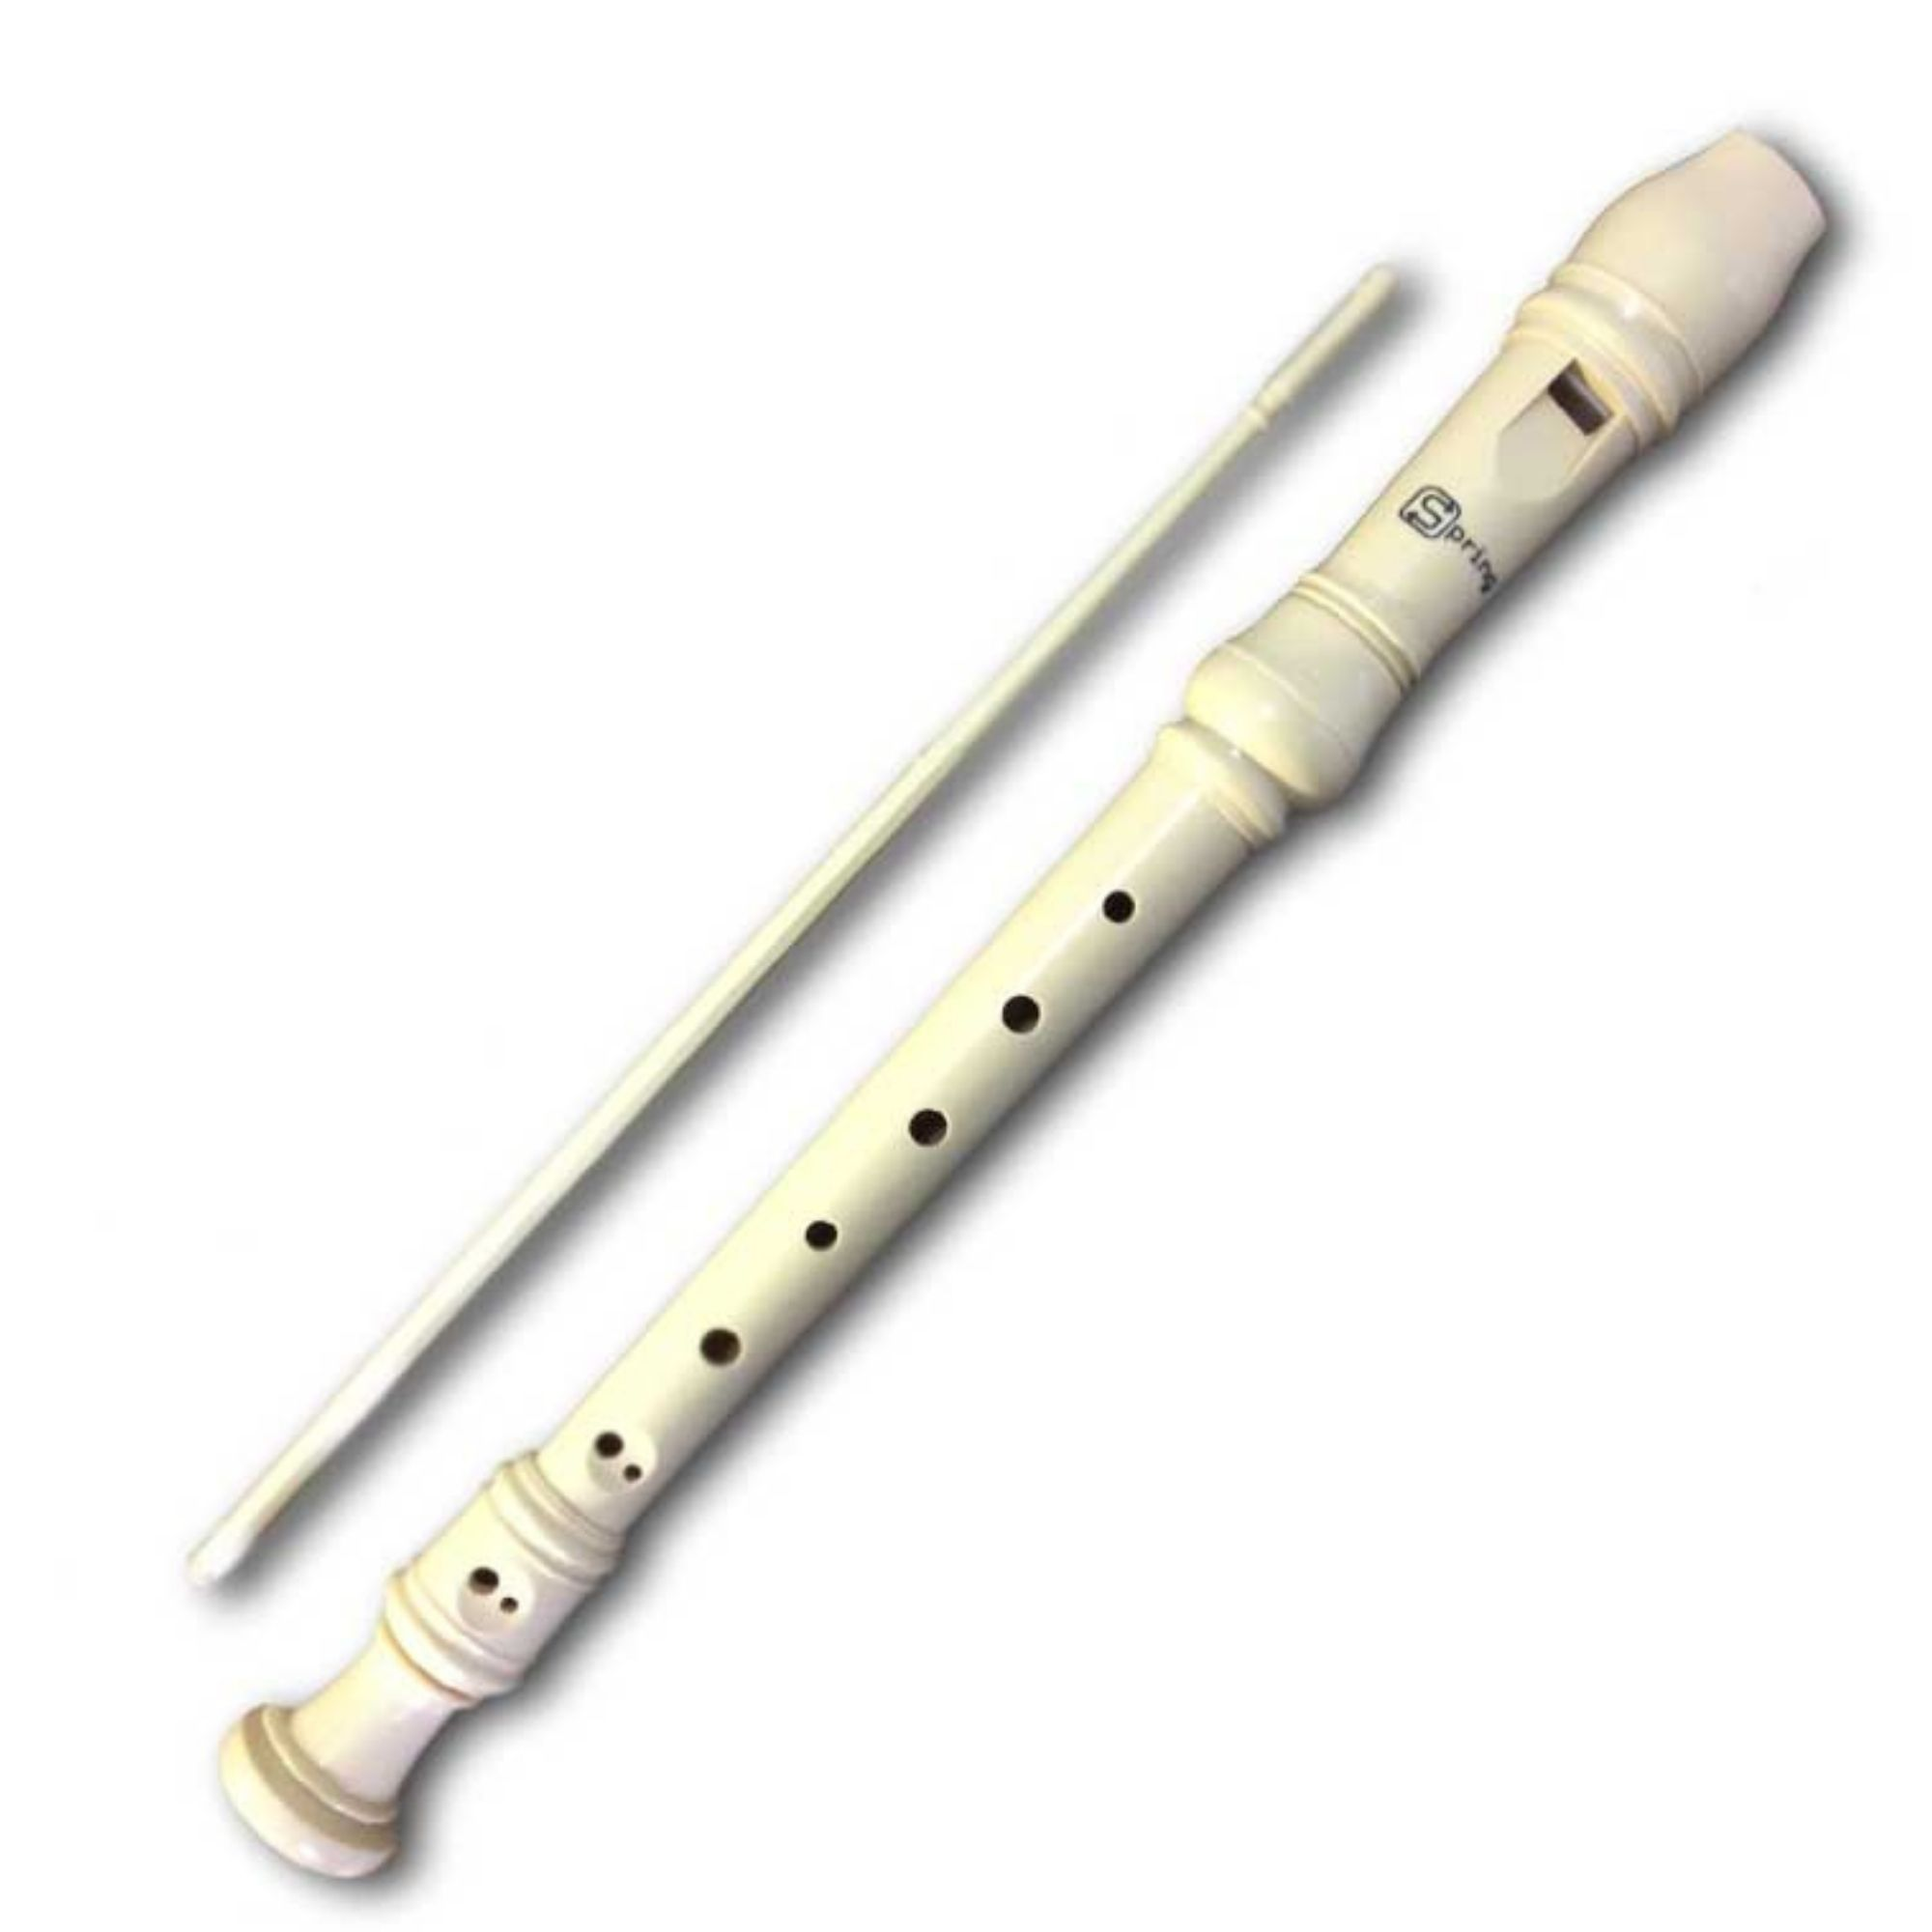 Flauta Doce Spring, modelos SG-FLB (Barroca) ou SG-FLG (Germânica)  com capa e limpador.